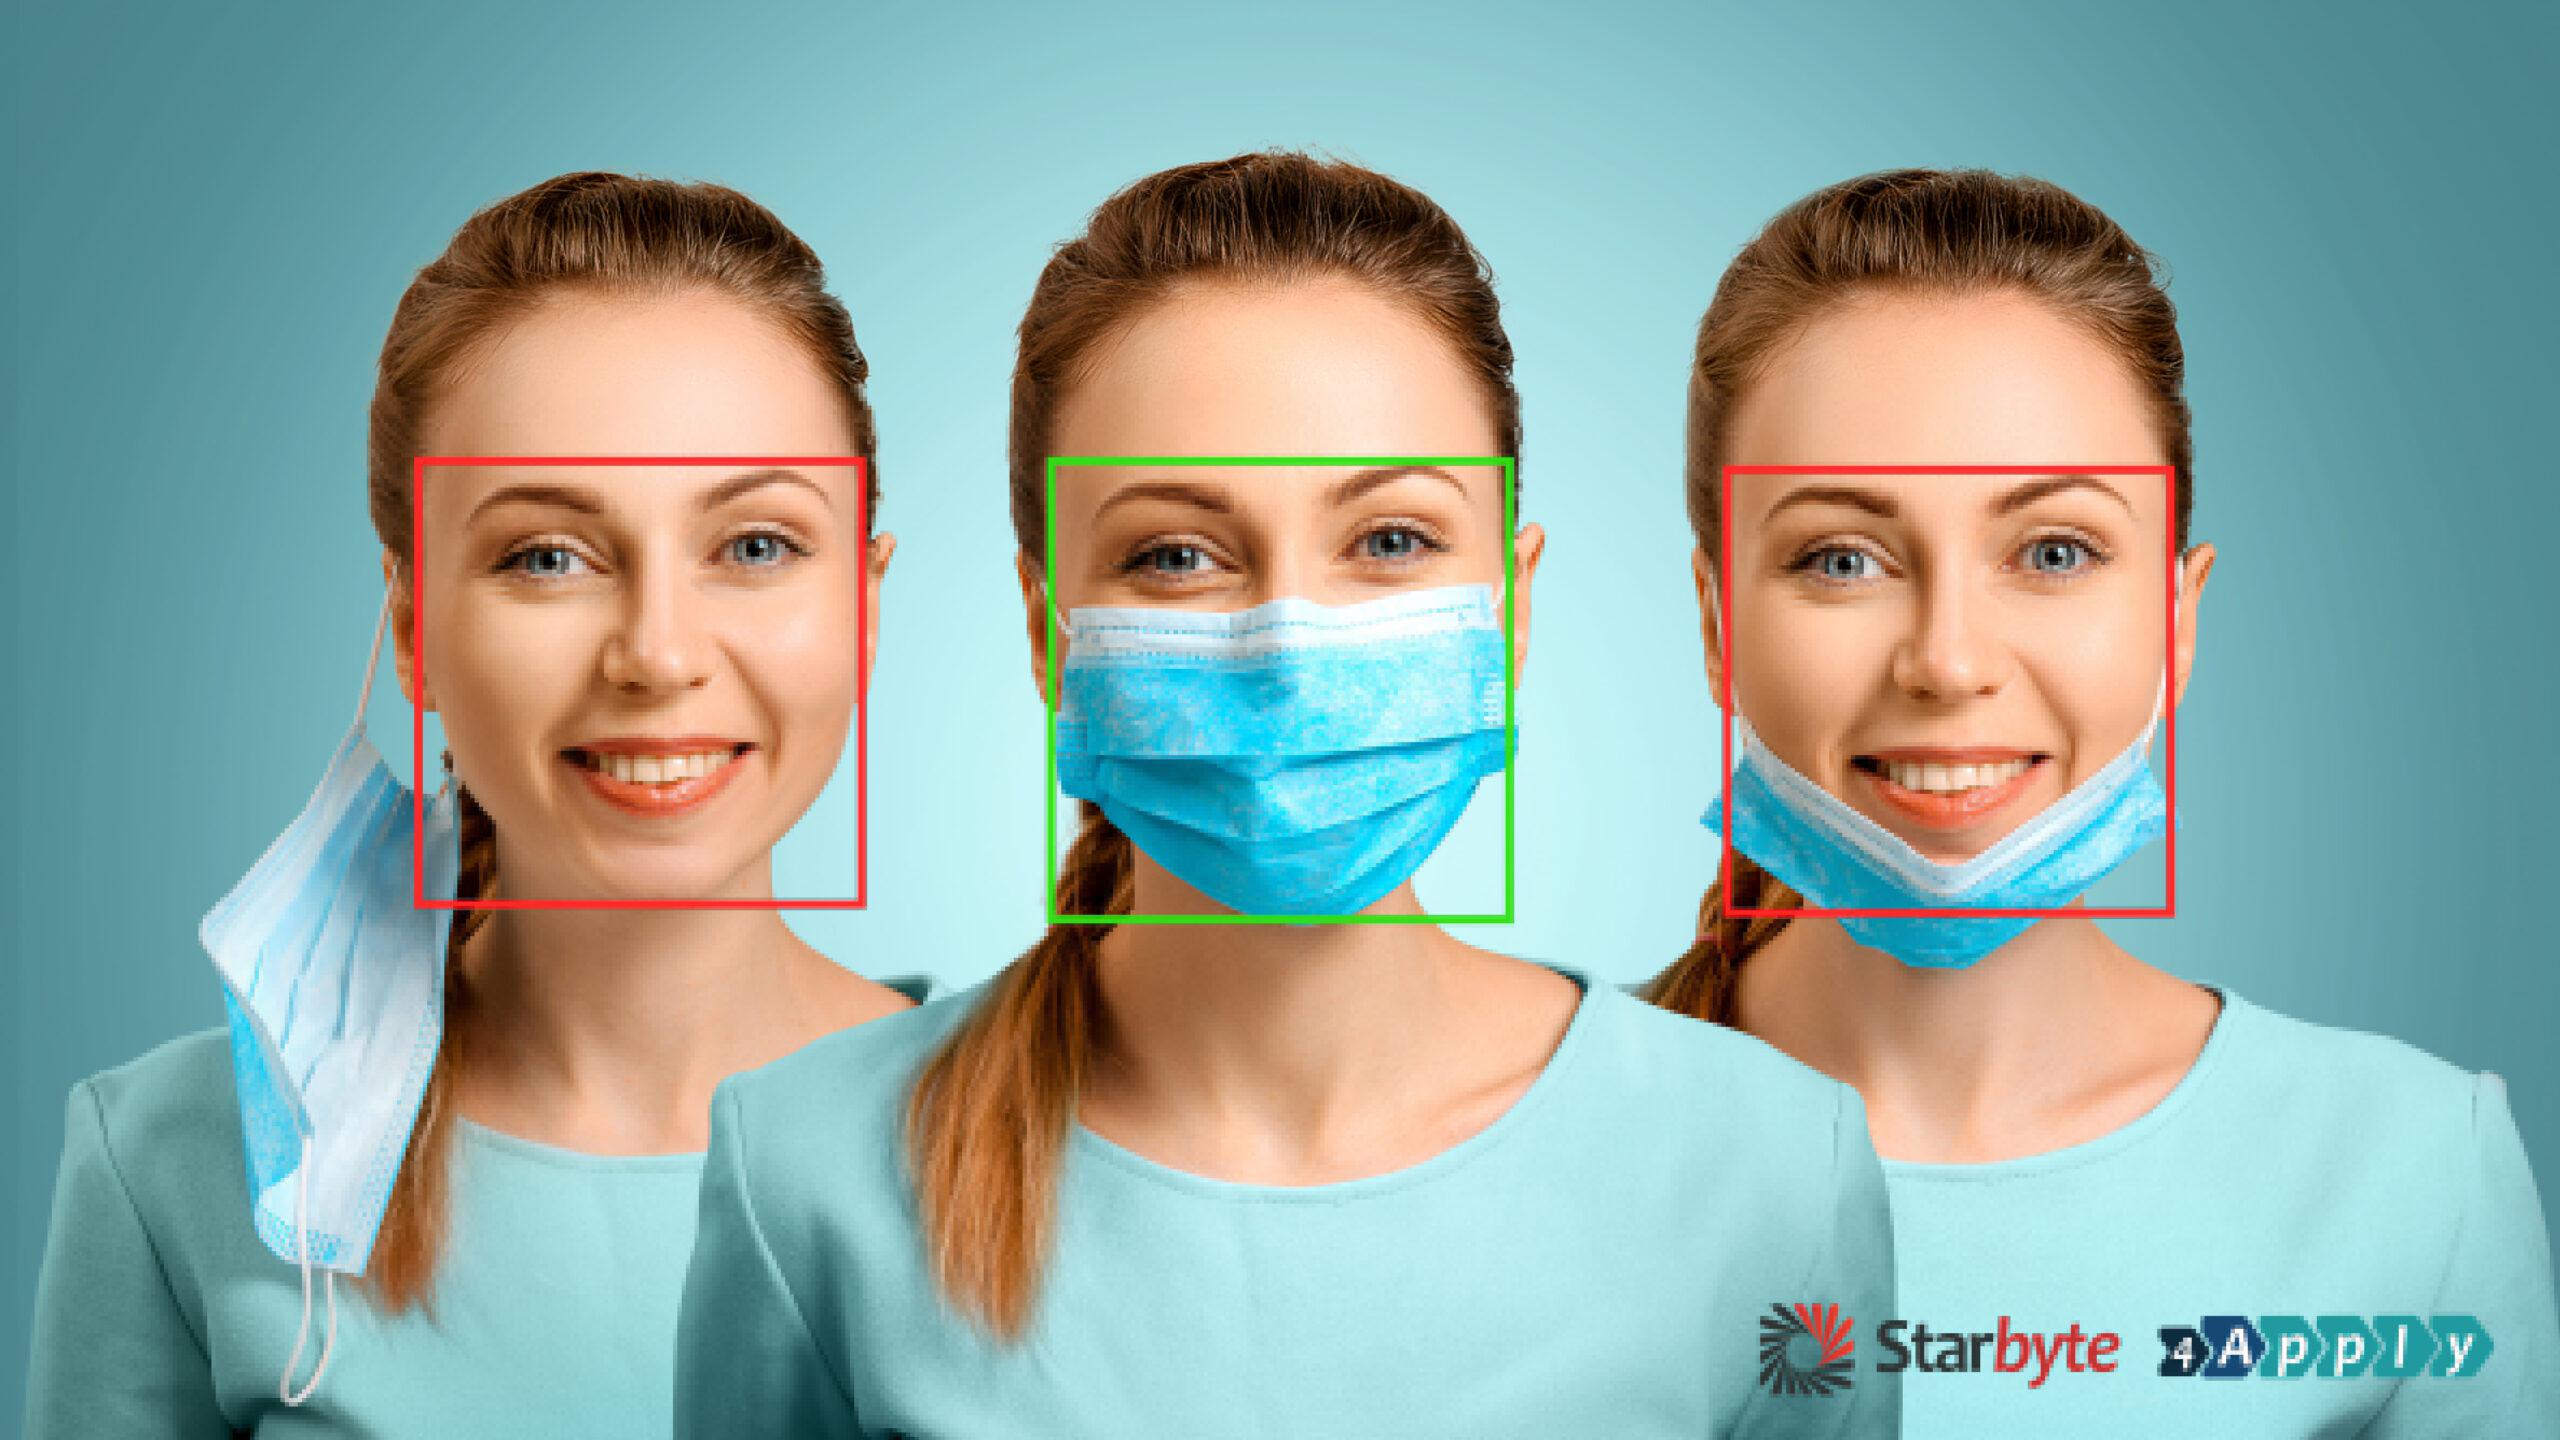 O companie românească a lansat aplicaţia ce poate diferenţia persoanele care poartă mască de cele care nu poartă